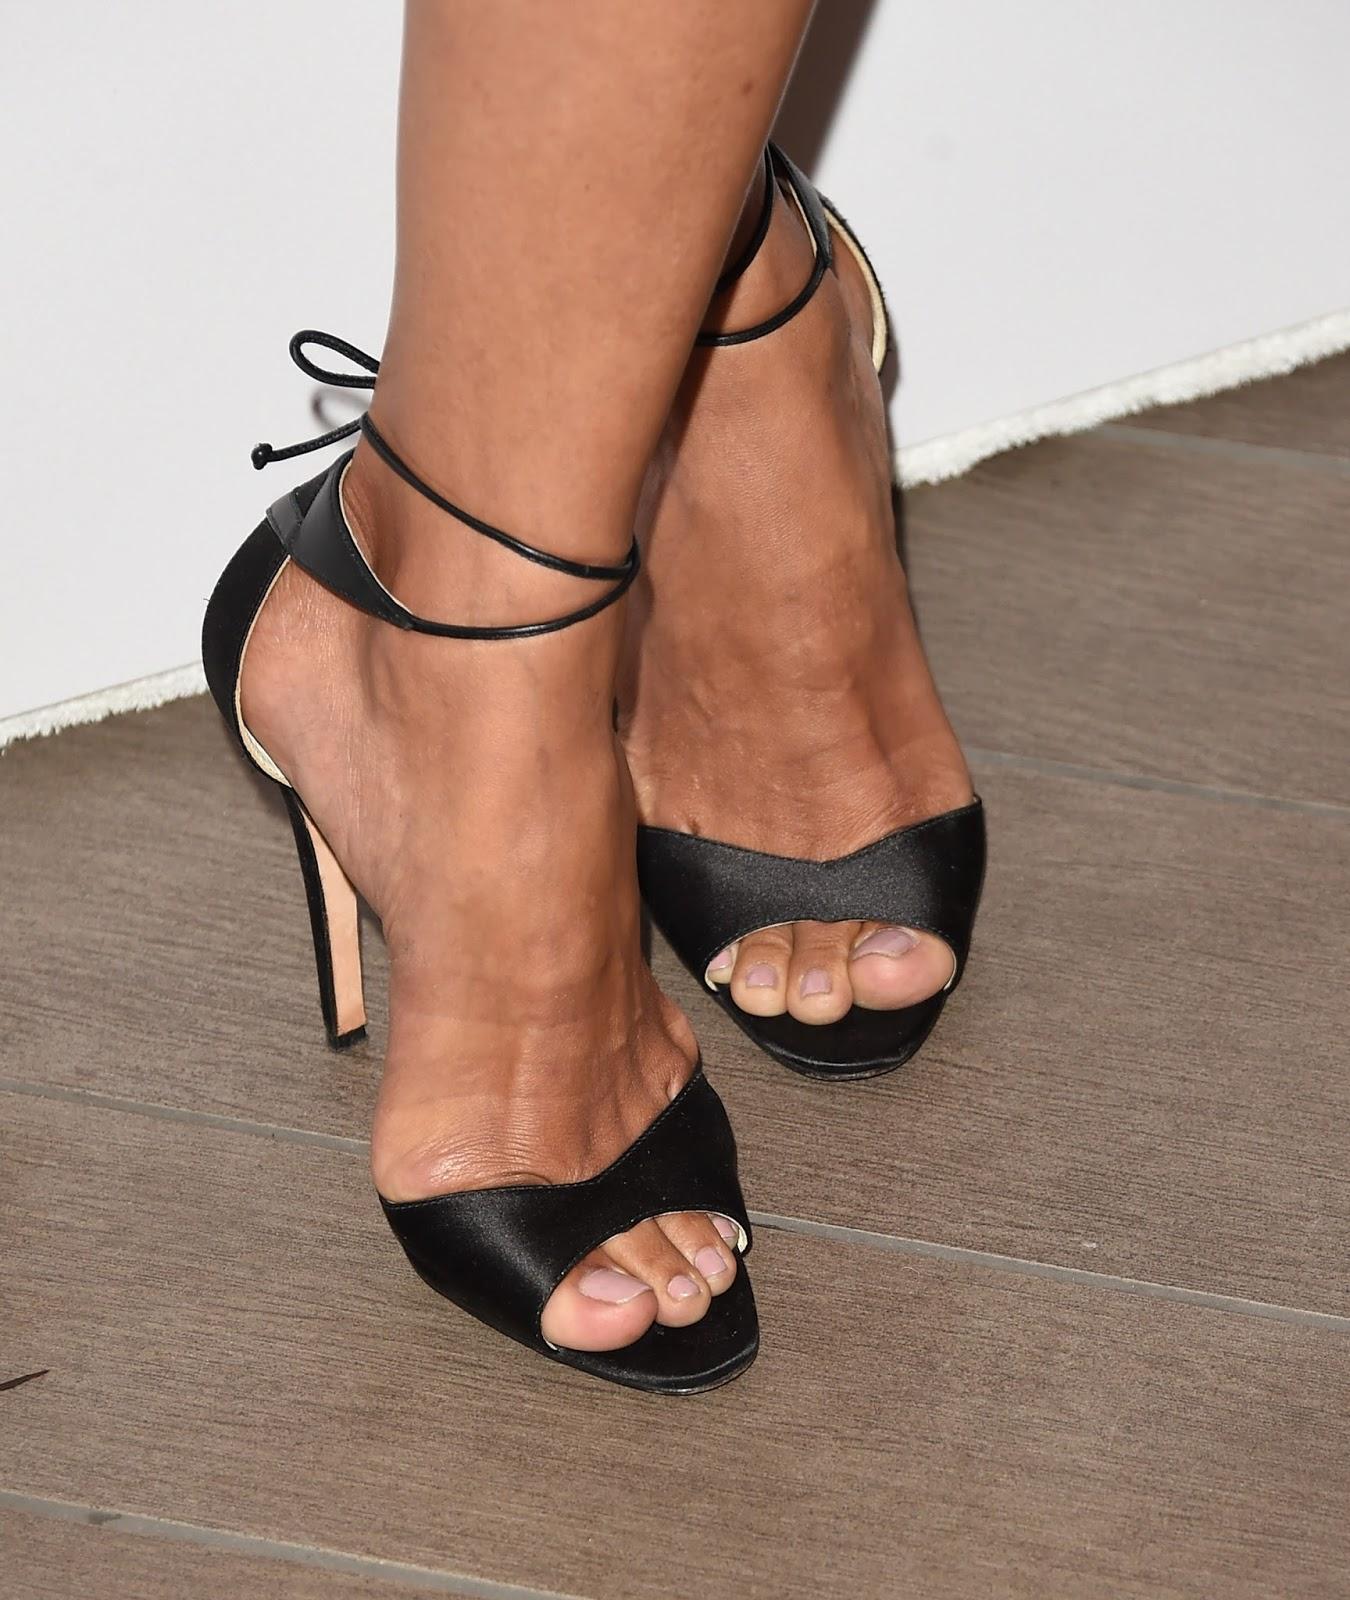 Feet Aimee Teegarden nudes (83 photo), Tits, Hot, Feet, bra 2020